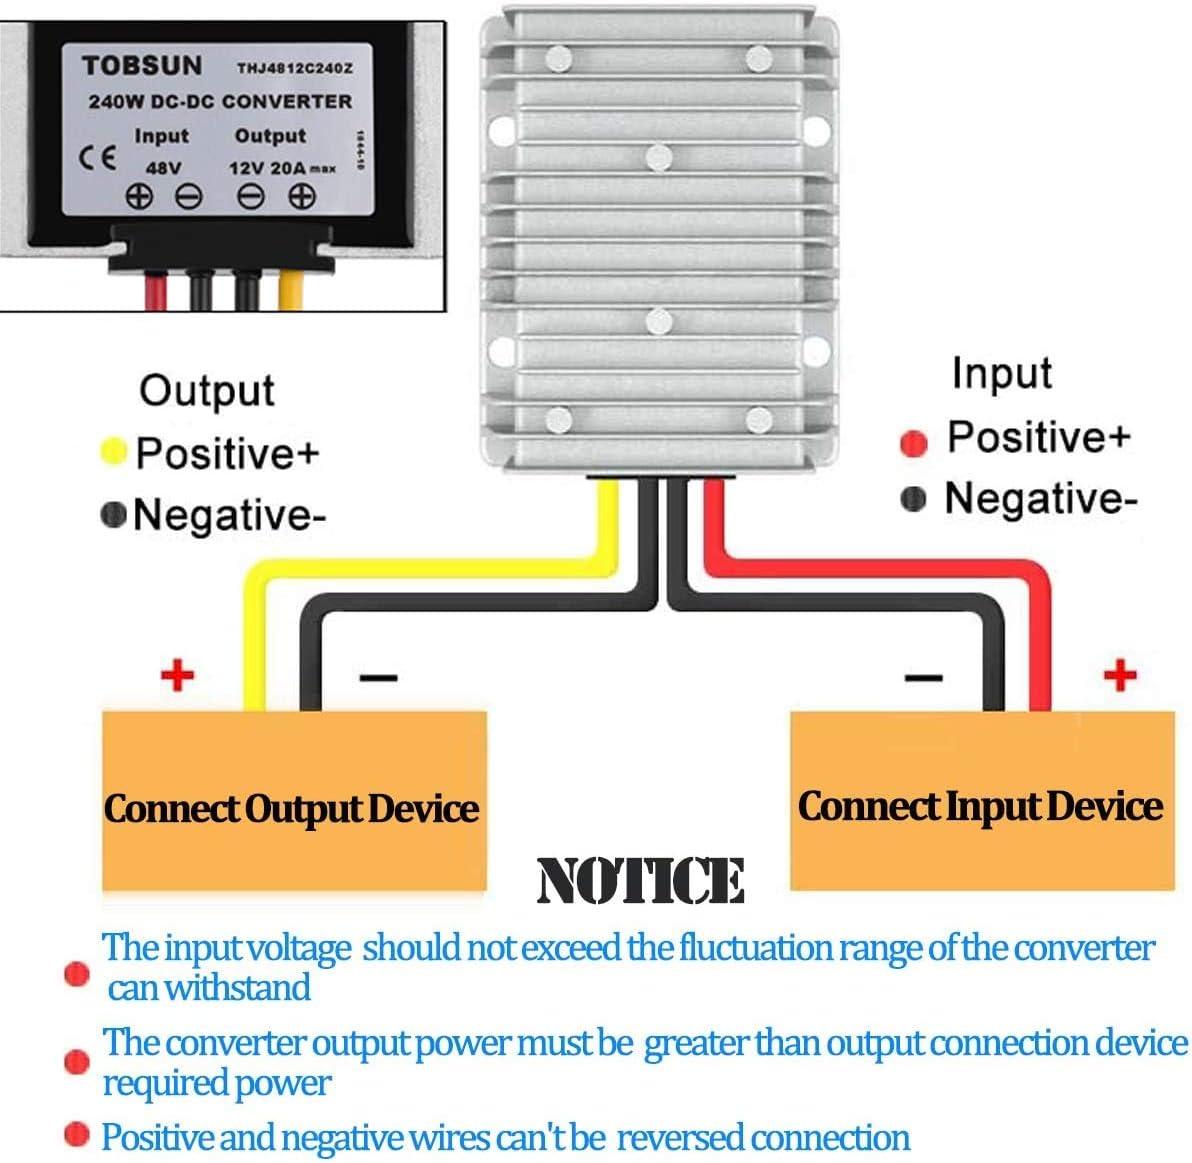 48V Step Down to DC 12V 20A 240W DC//DC Converter Regulator Reducer